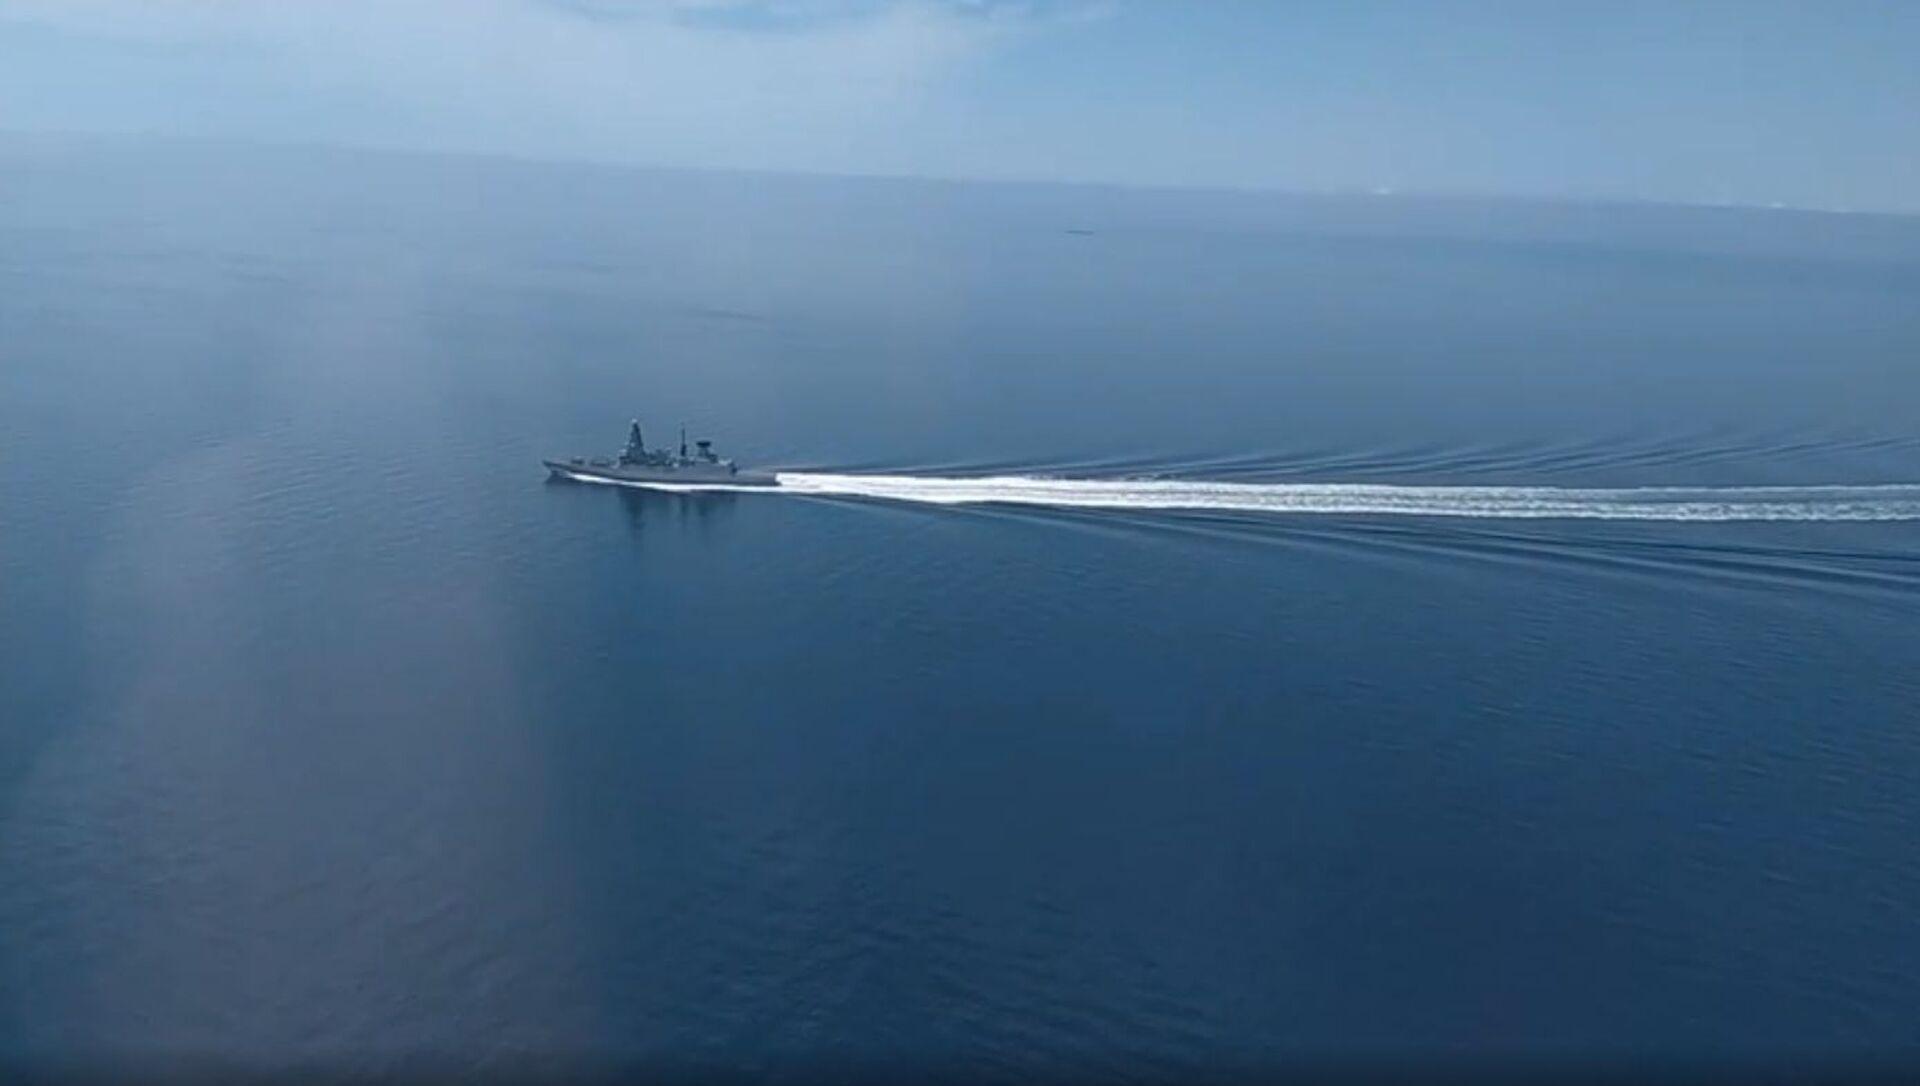 Rusya Savunma Bakanlığı'dan Karadeniz'de sınır ihlalini yapan İngiliz gemisinin görüntüleri - Sputnik Türkiye, 1920, 02.08.2021